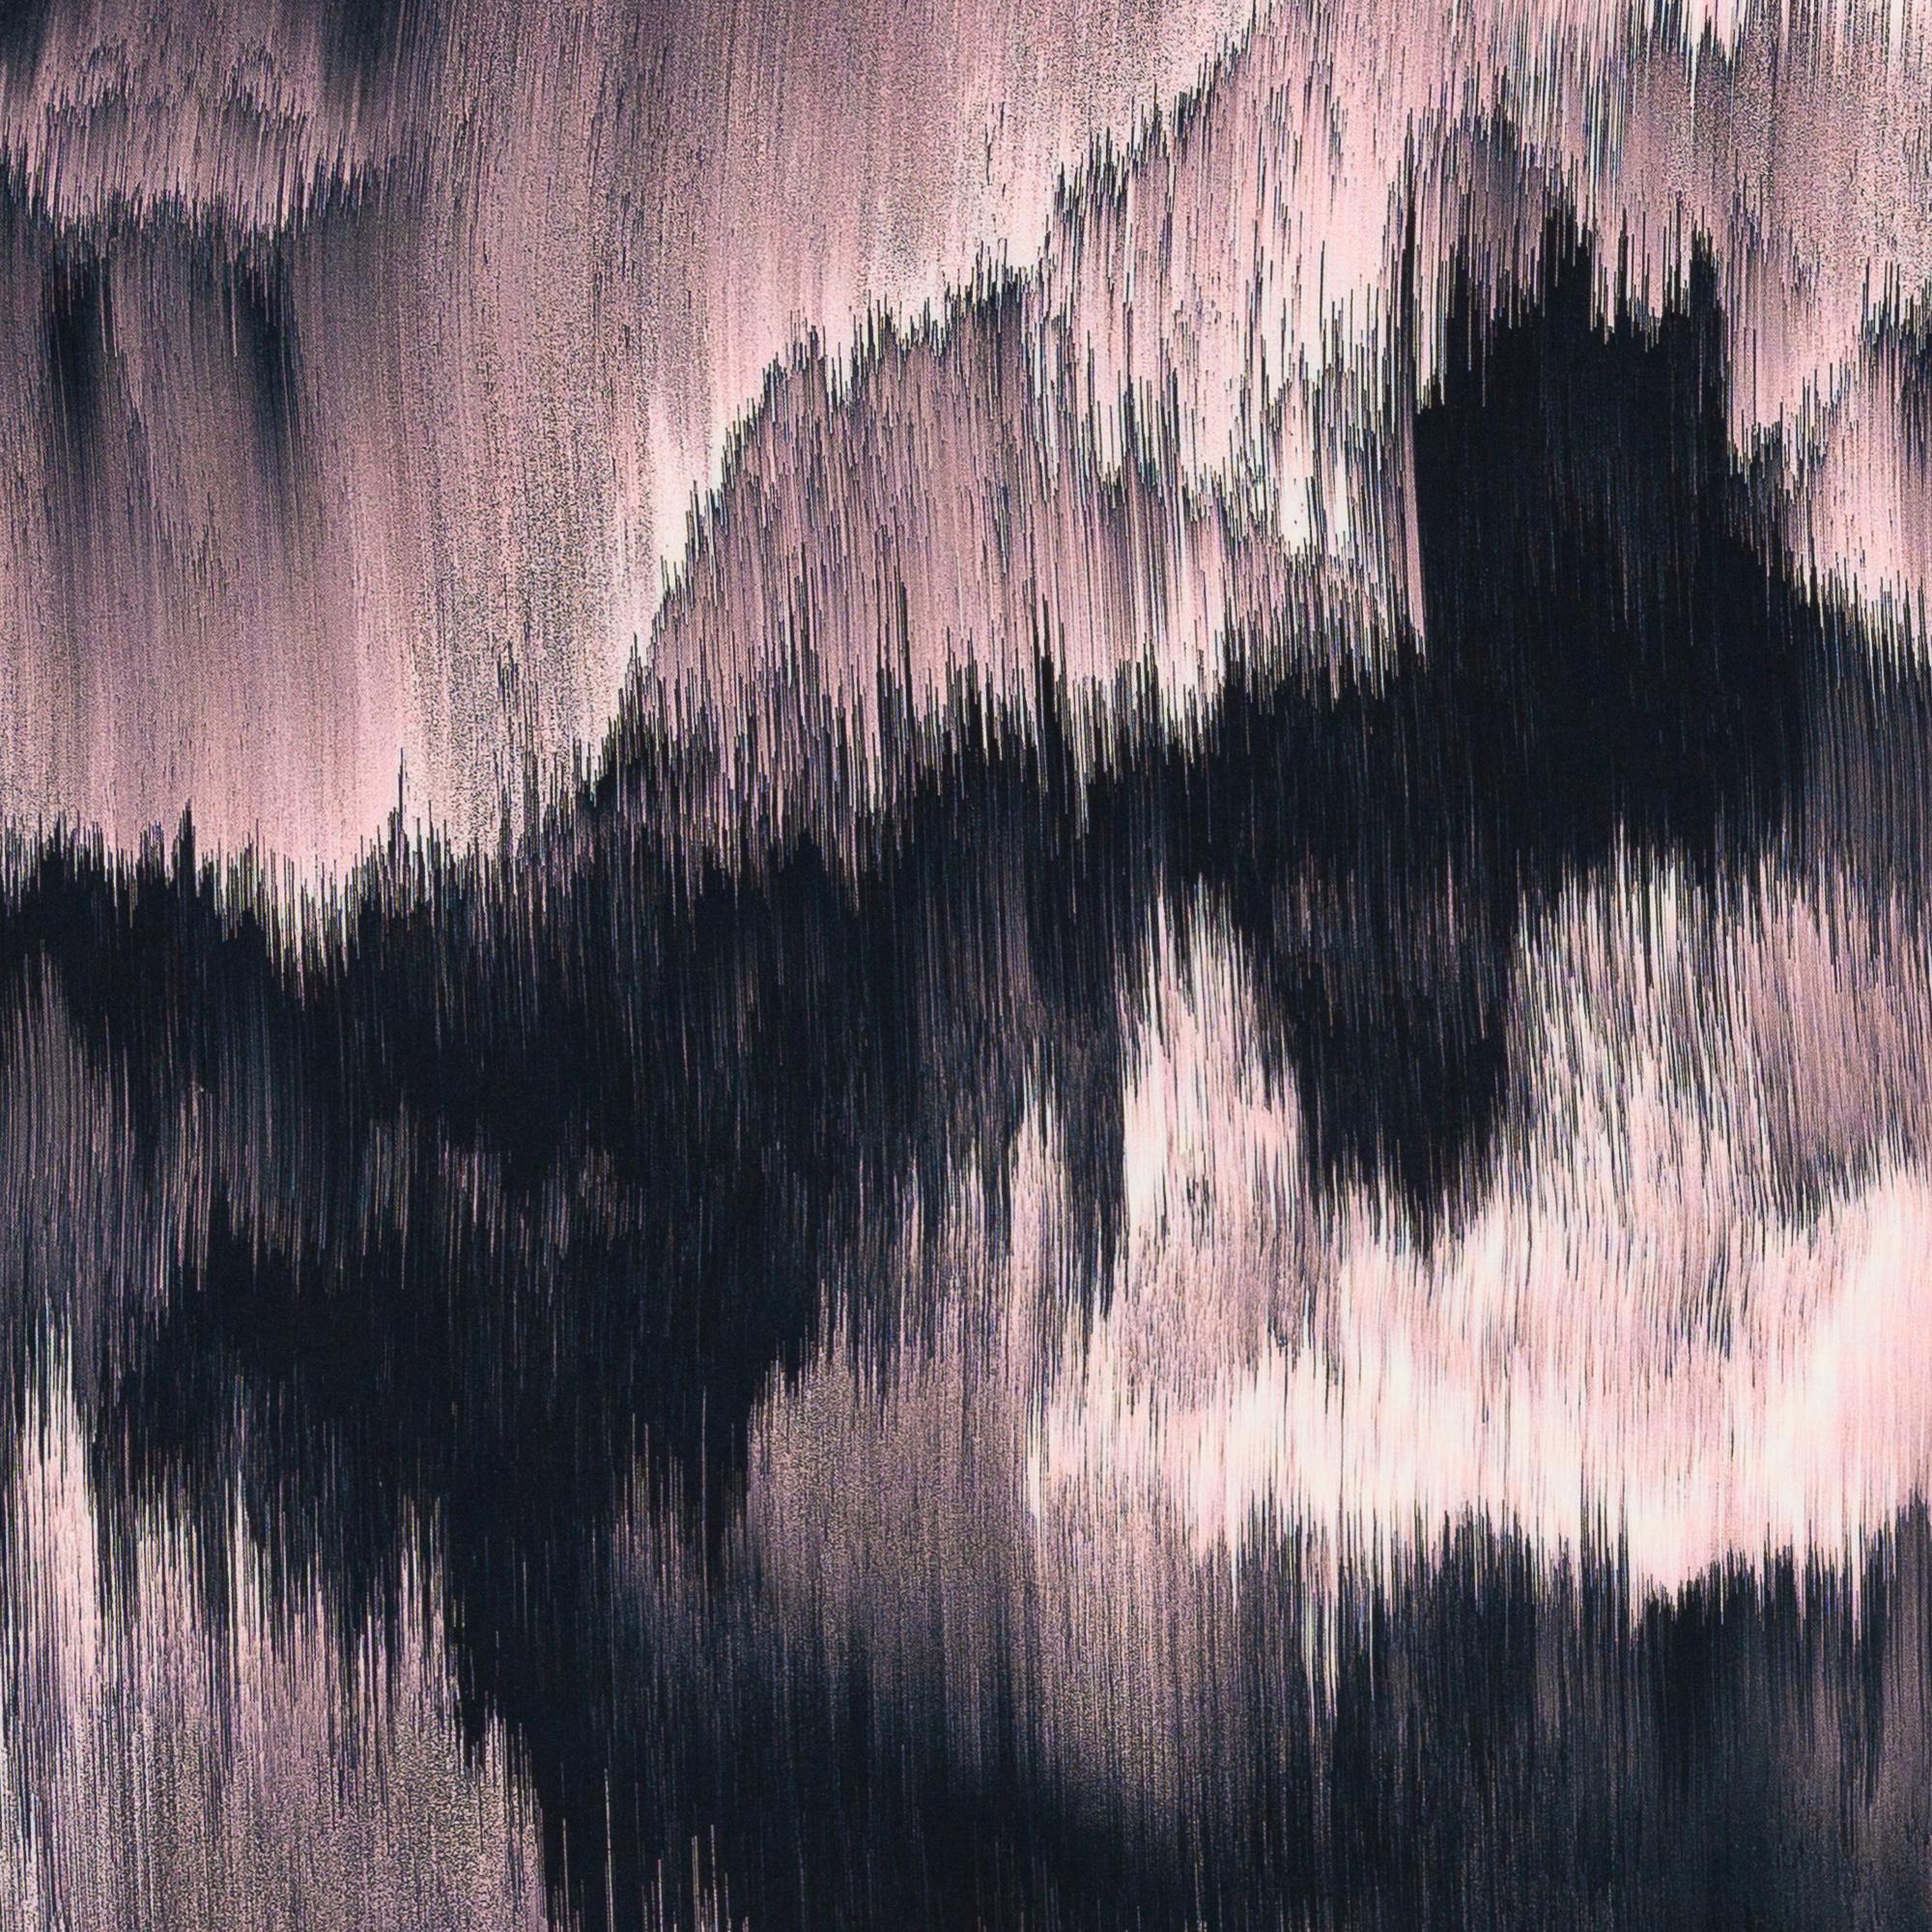 Viskose - Viskosewebware - Swafing - Dripstones by Thorsten Berger - Muster in Rosatönen